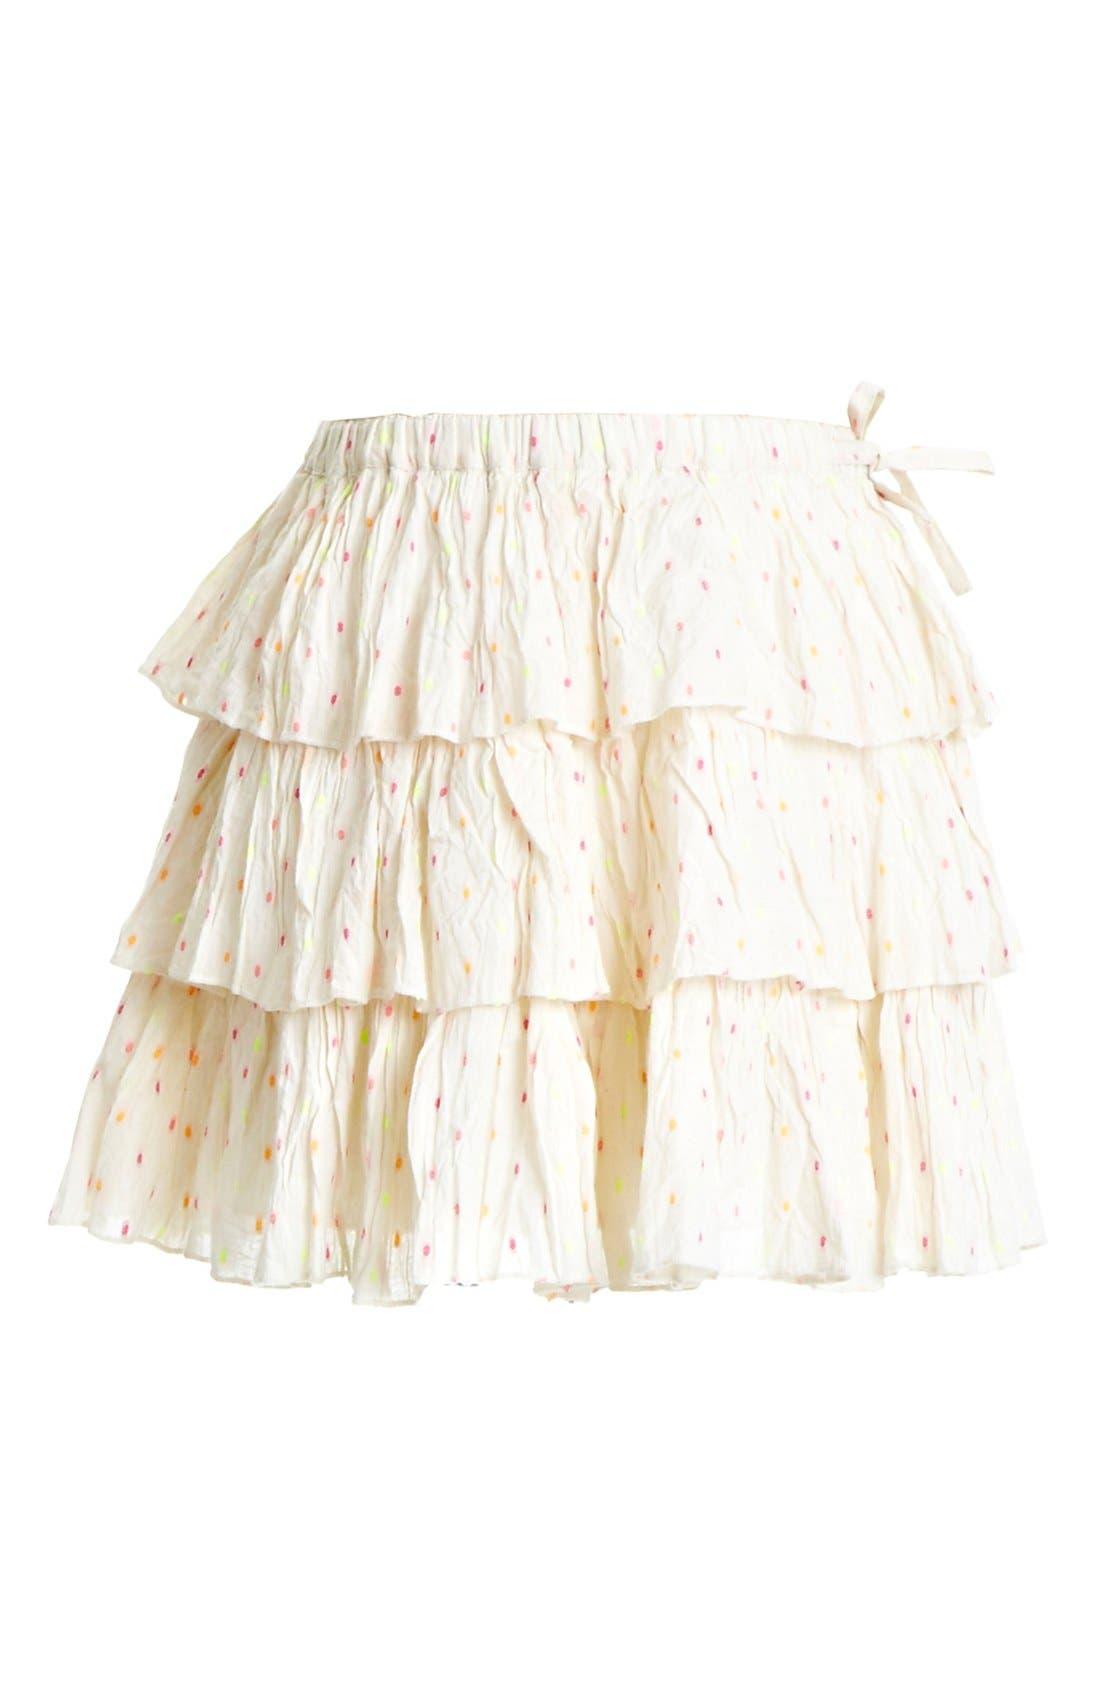 Alternate Image 1 Selected - Peek 'Kelsee' Skirt (Toddler Girls, Little Girls & Big Girls)